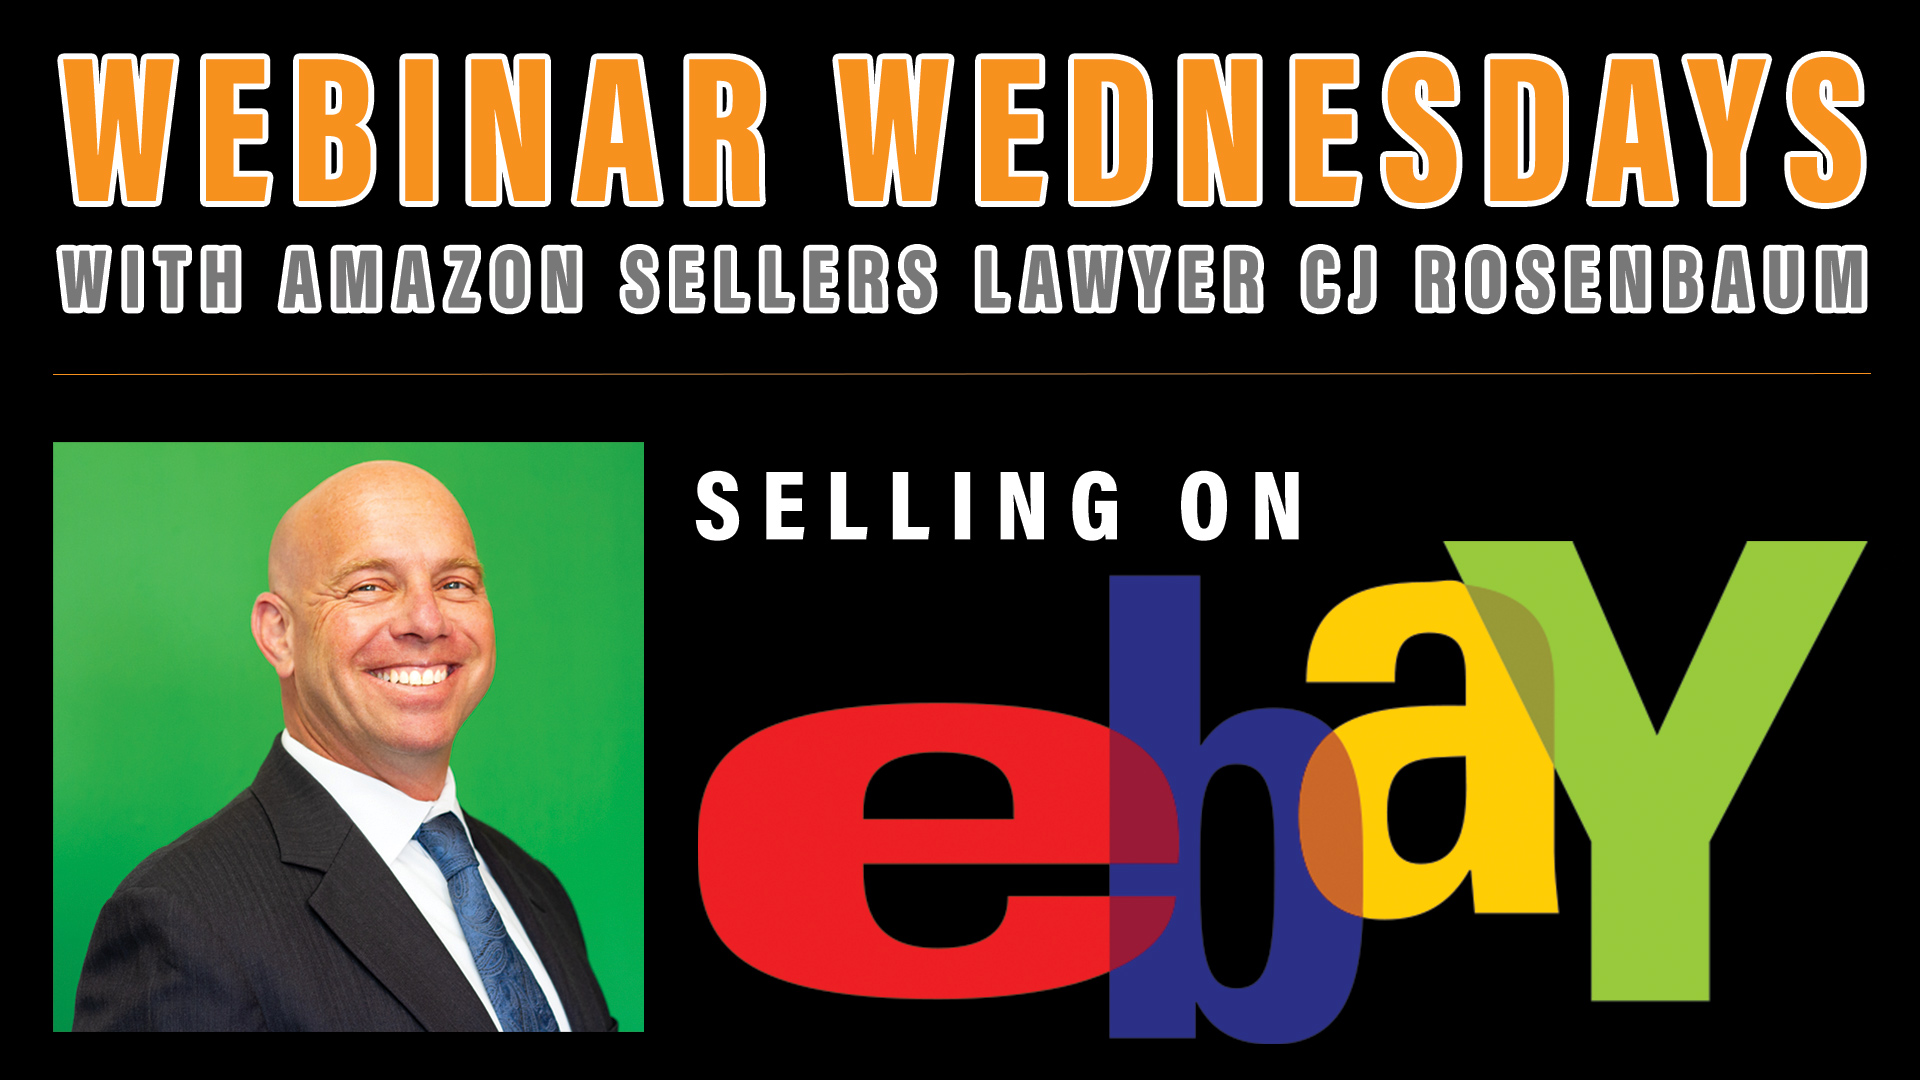 Aaron Schneider, Senior Manager of Business Development at eBay